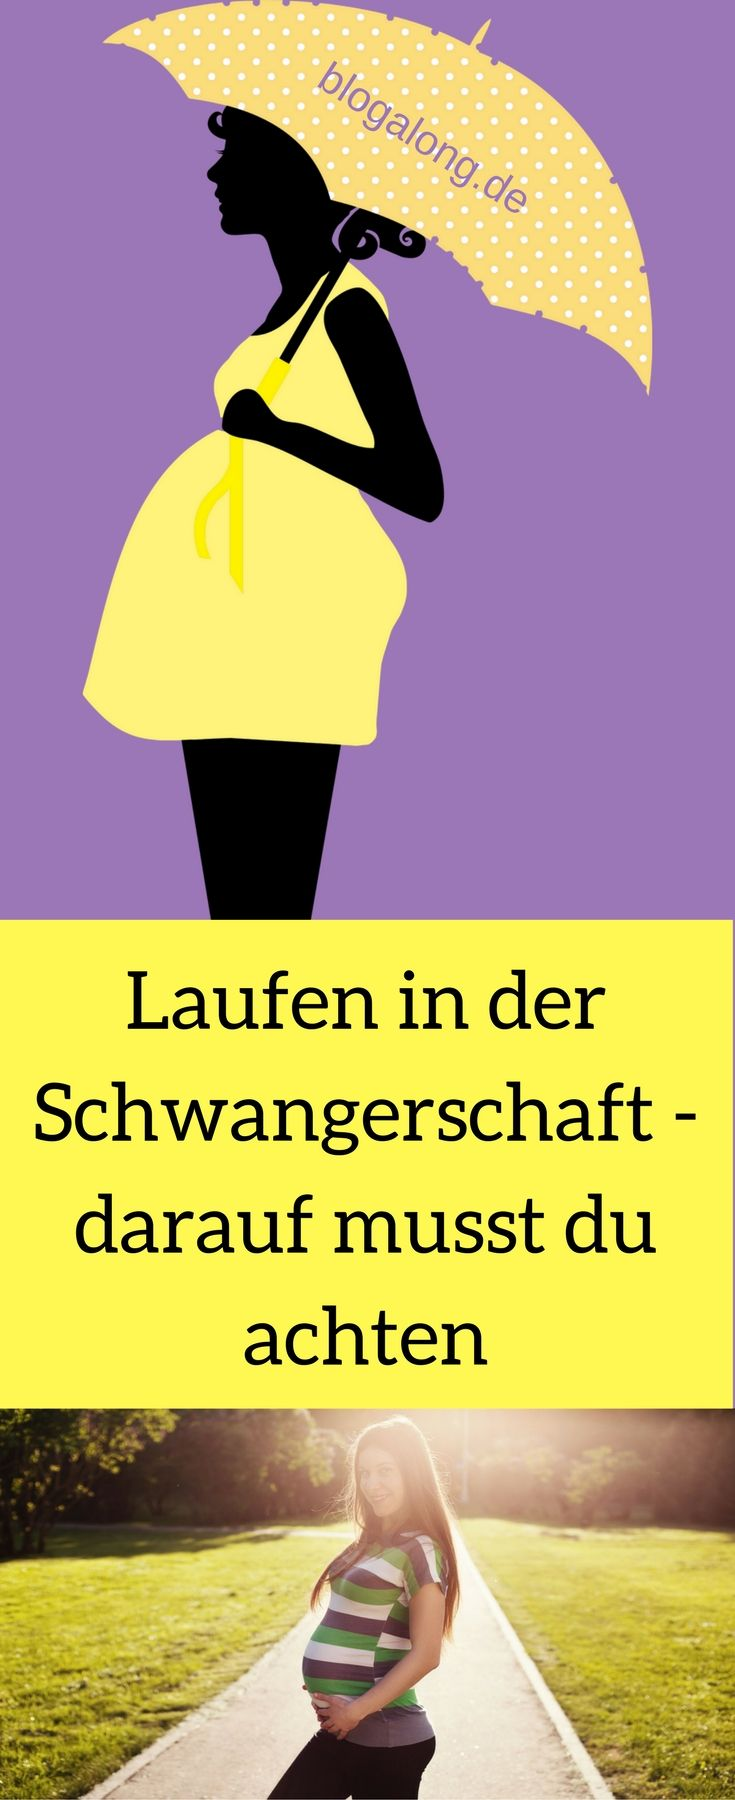 Laufen in der Schwangerschaft – darauf musst du achten #schwanger #laufen #aktiv